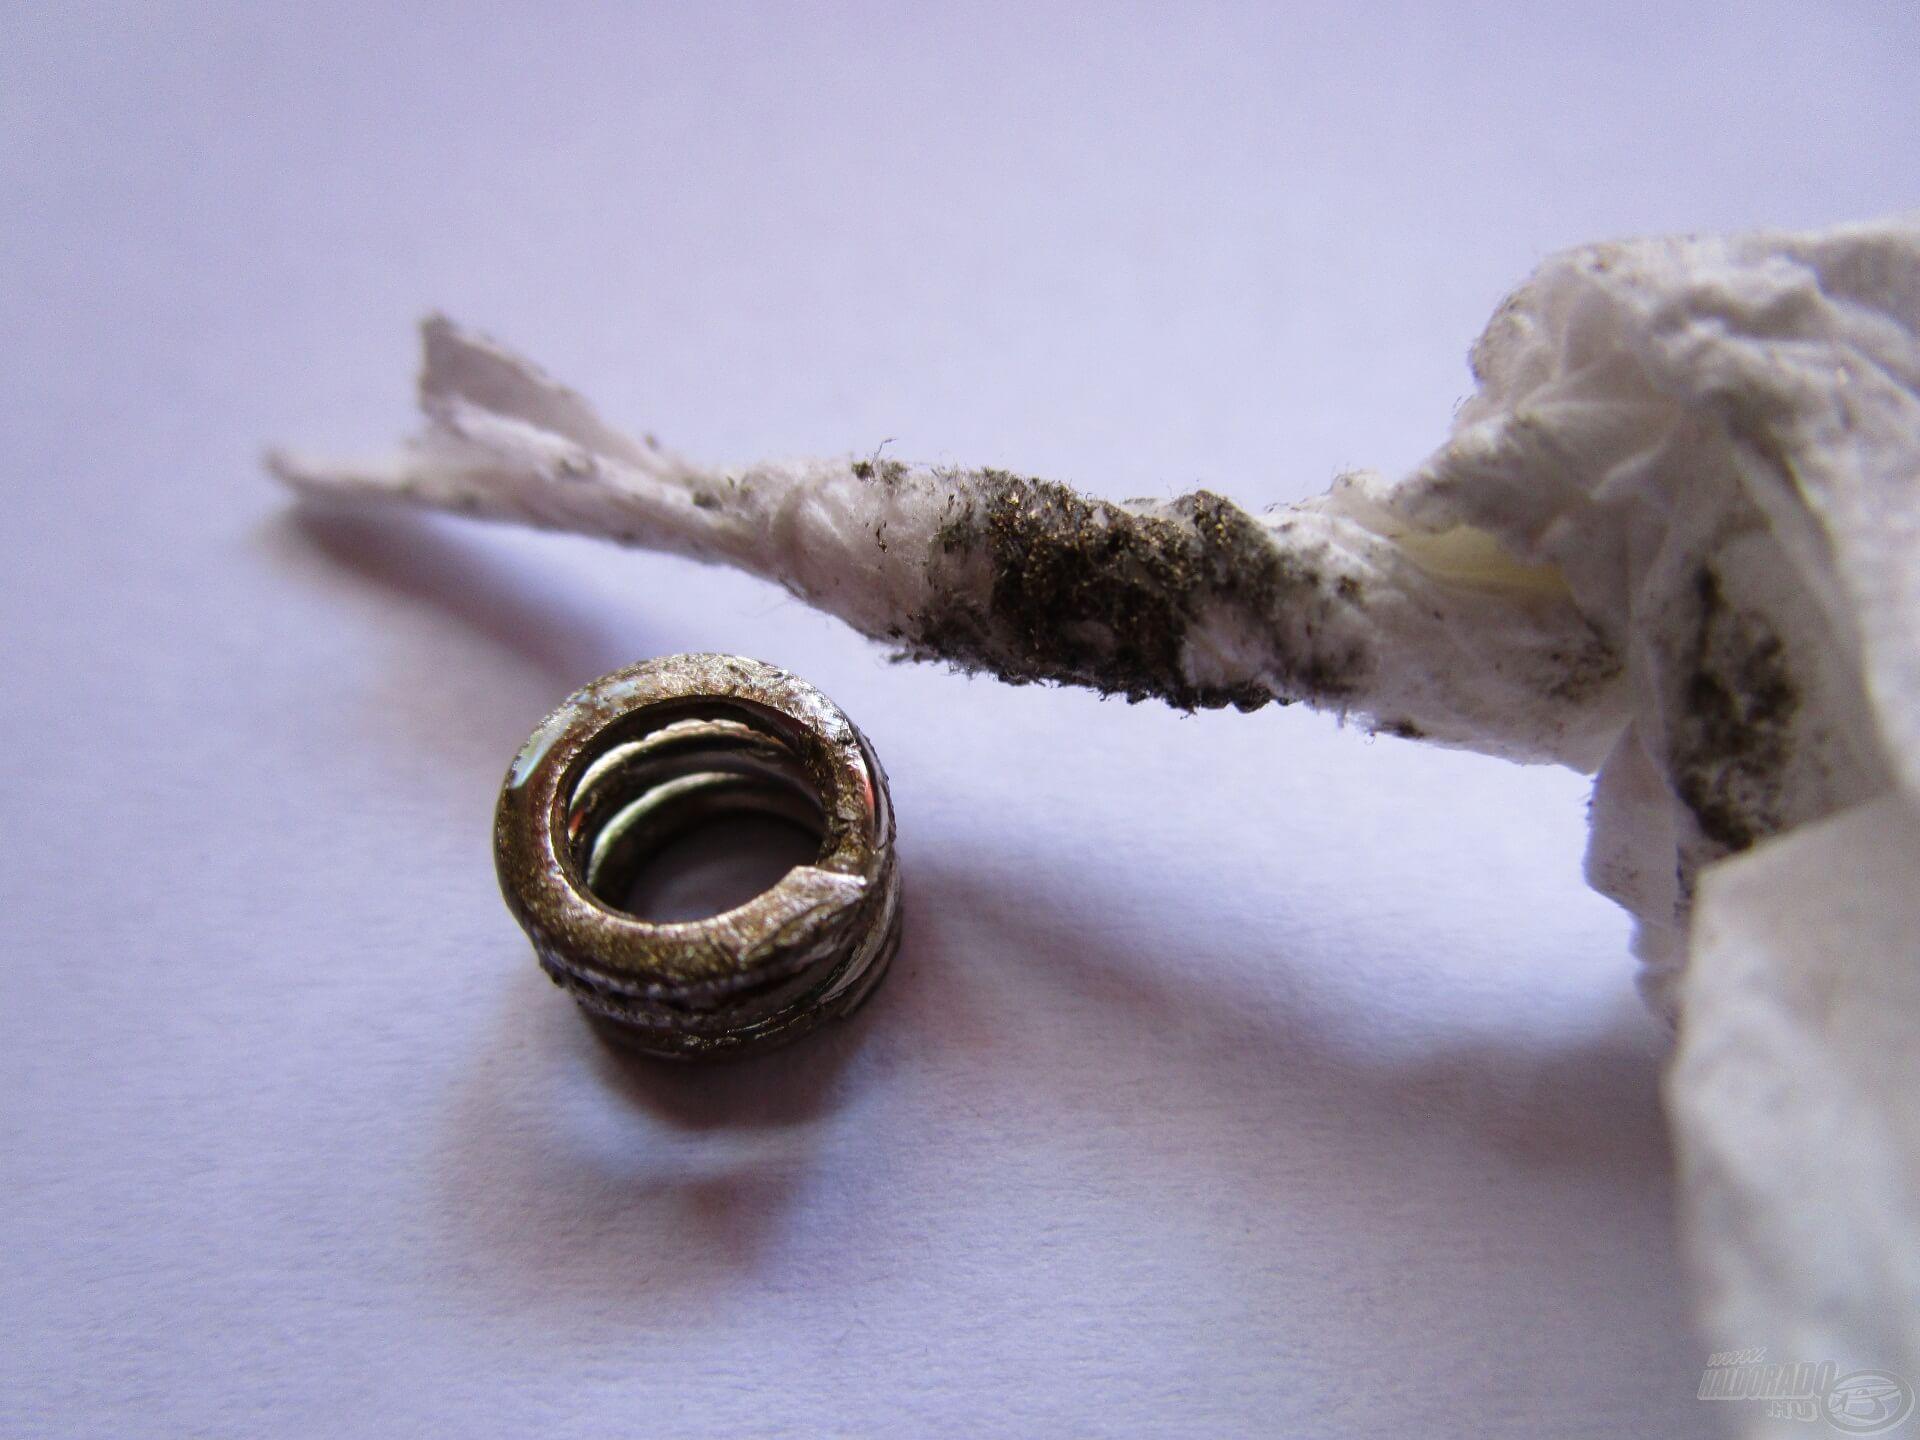 Ha fémszemcsék és zsírlerakódás van a fékcsillagban, mindenképpen el kell távolítani. Egy papír zsebkendővel könnyen elvégezhető a folyamat